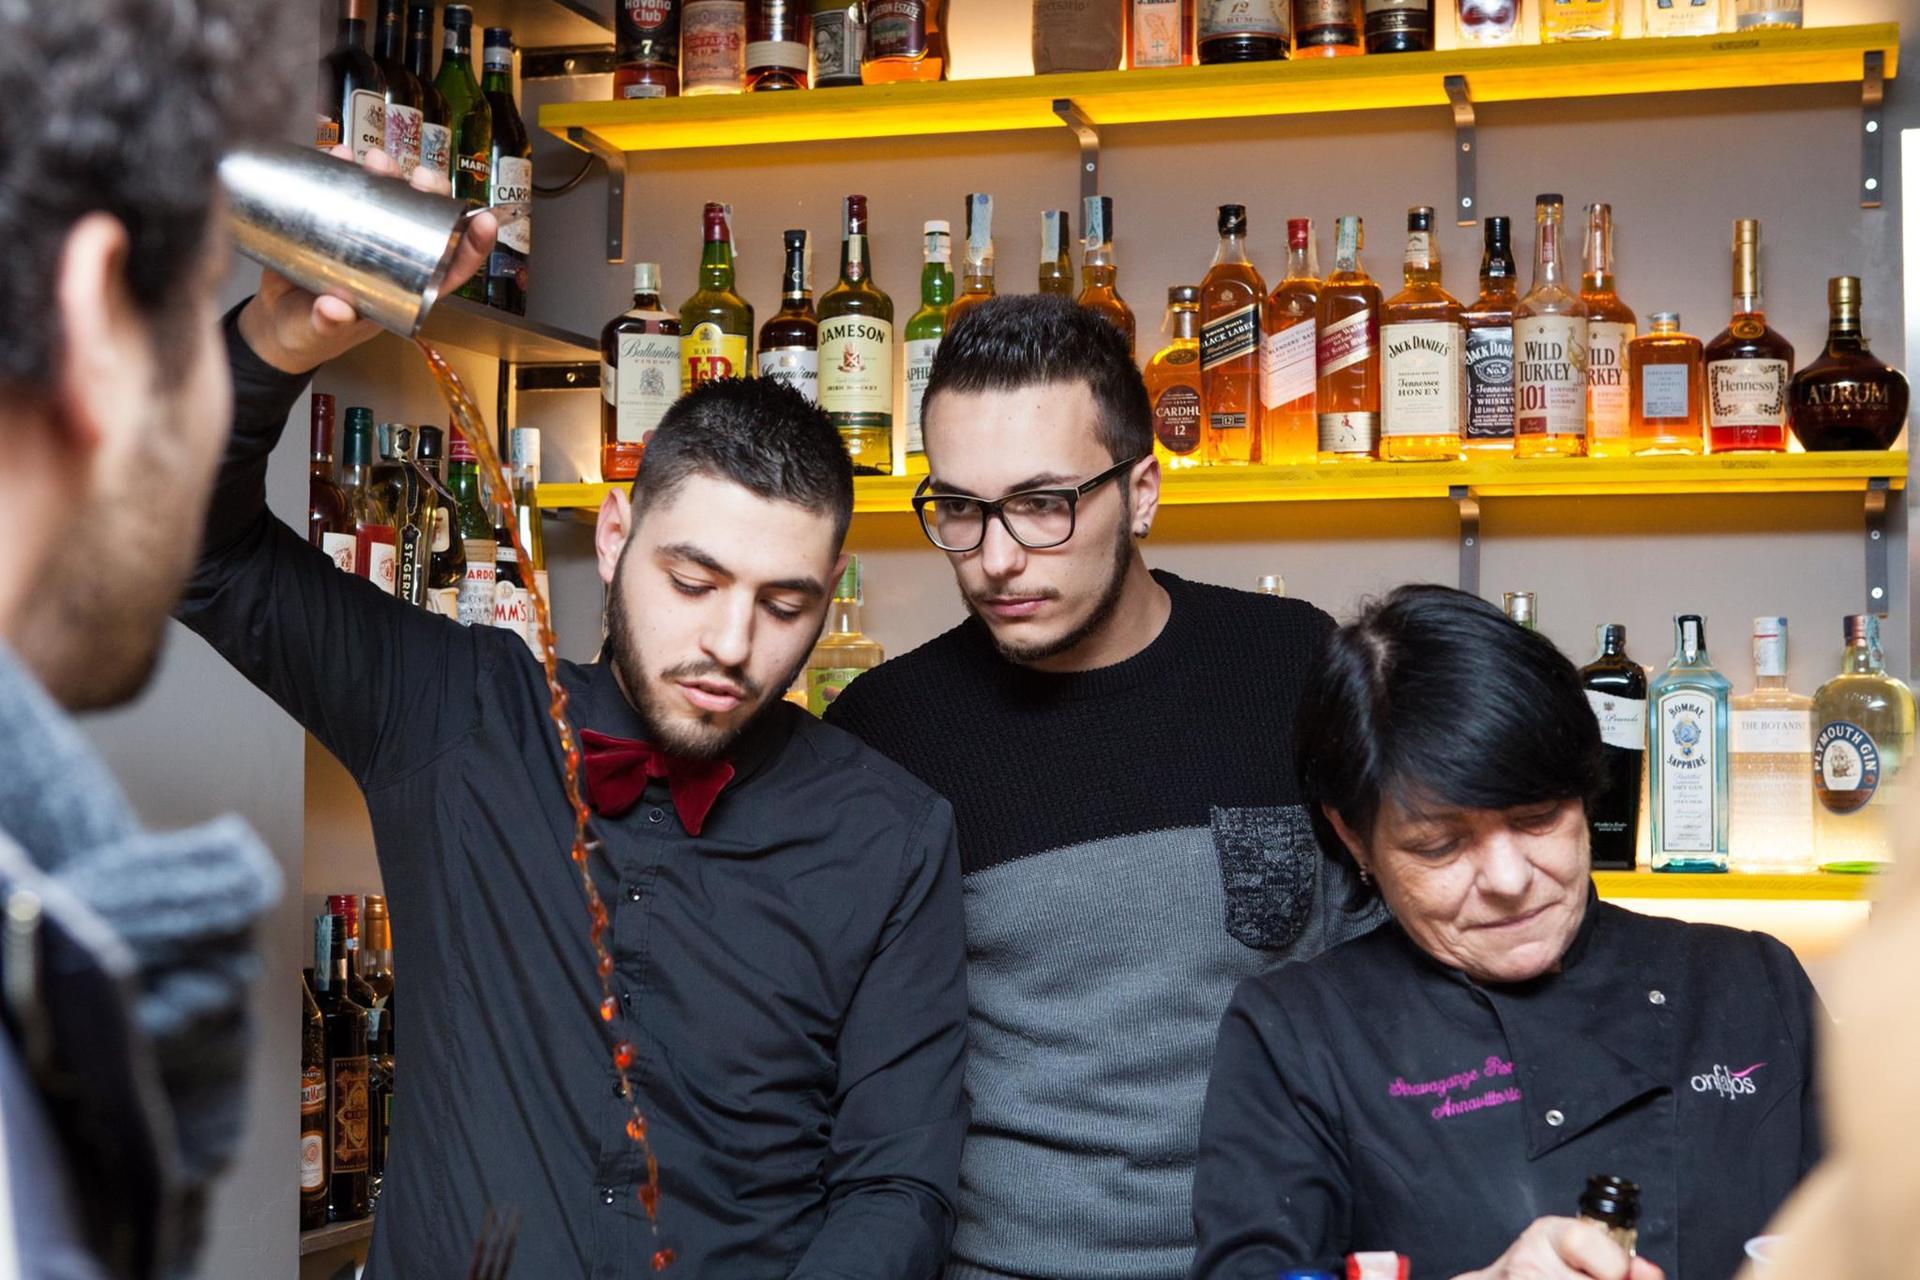 un uomo mentre versa vino da un bicchiere con ragazzi in un bar